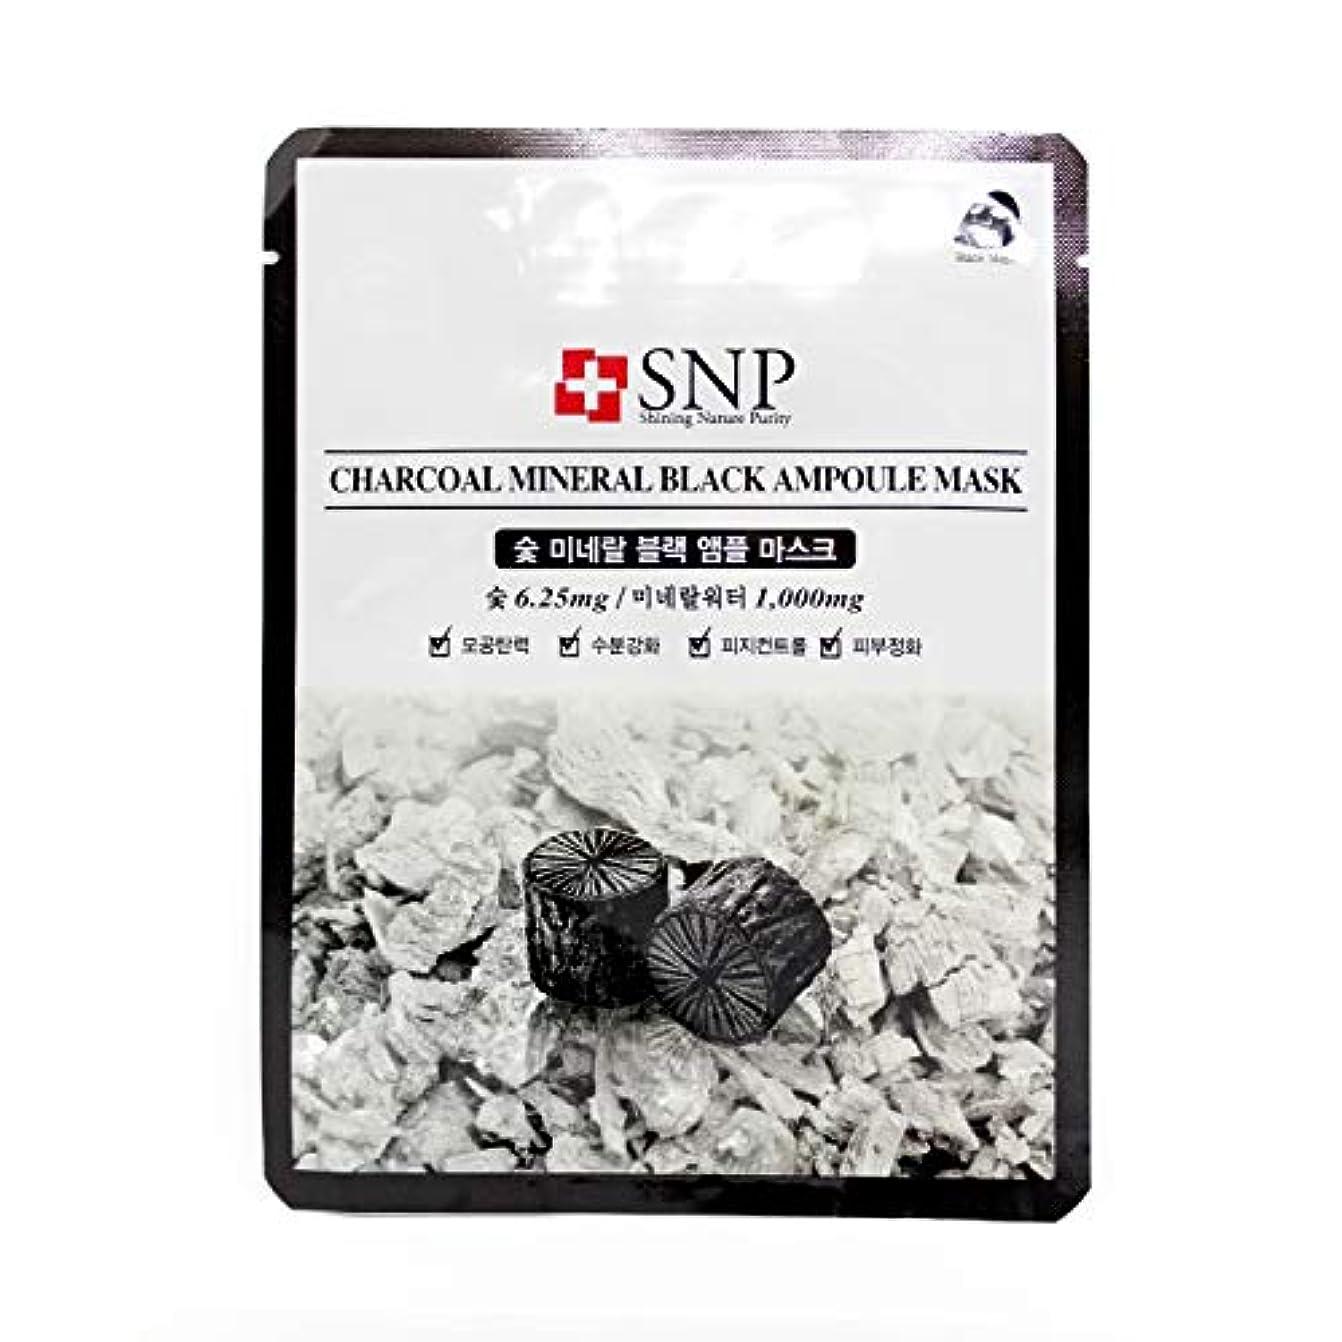 虹スプーン元気なSNP エスエヌピー 炭 ミネラル ブラック アンプル マスク 10枚セット